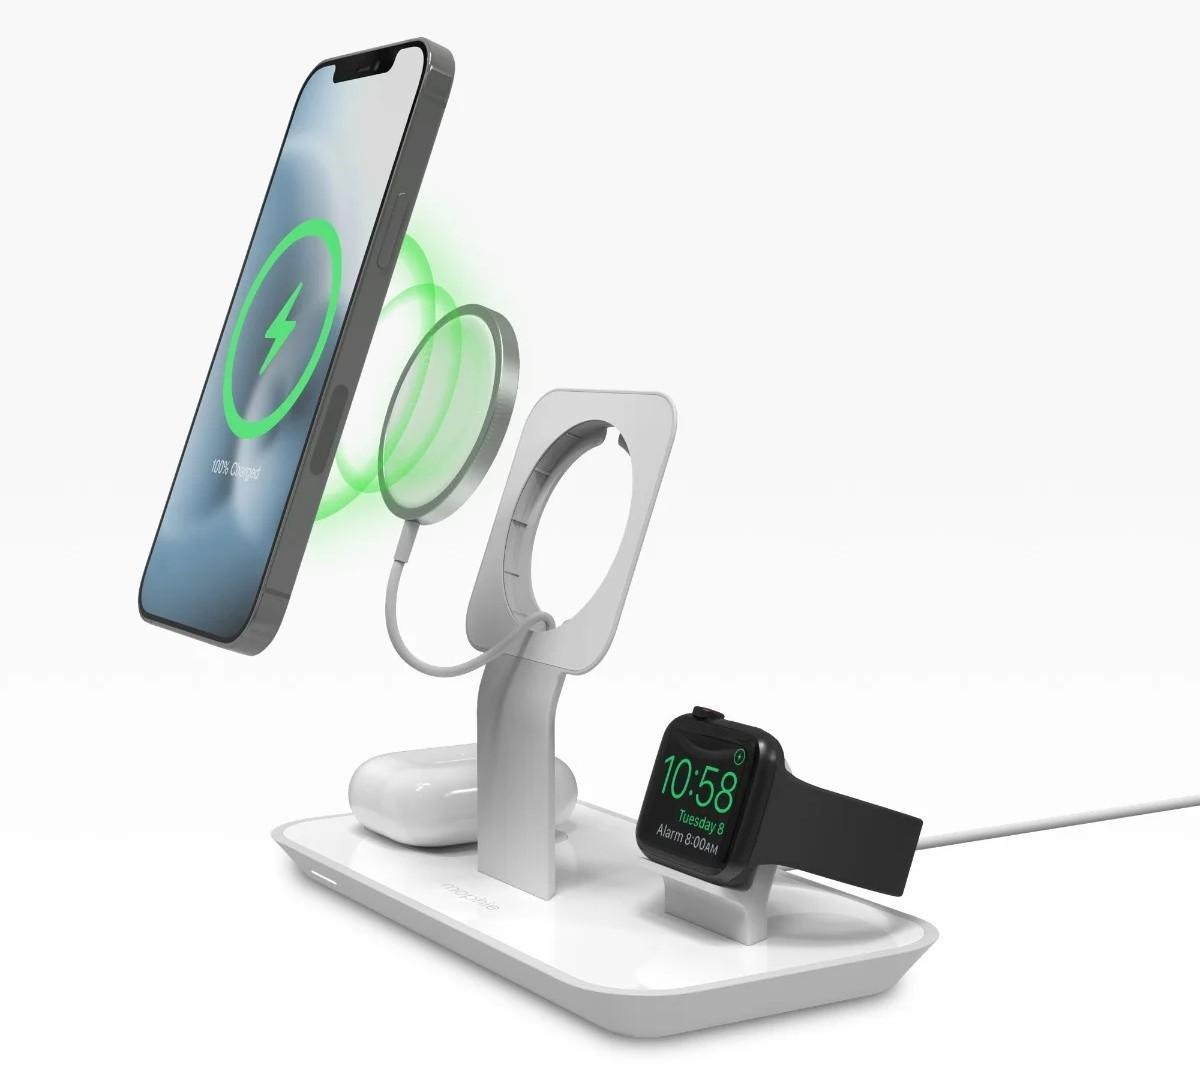 Mophie merilis dudukan Pengisi Daya MagSafe 3-in-1 untuk perangkat Apple